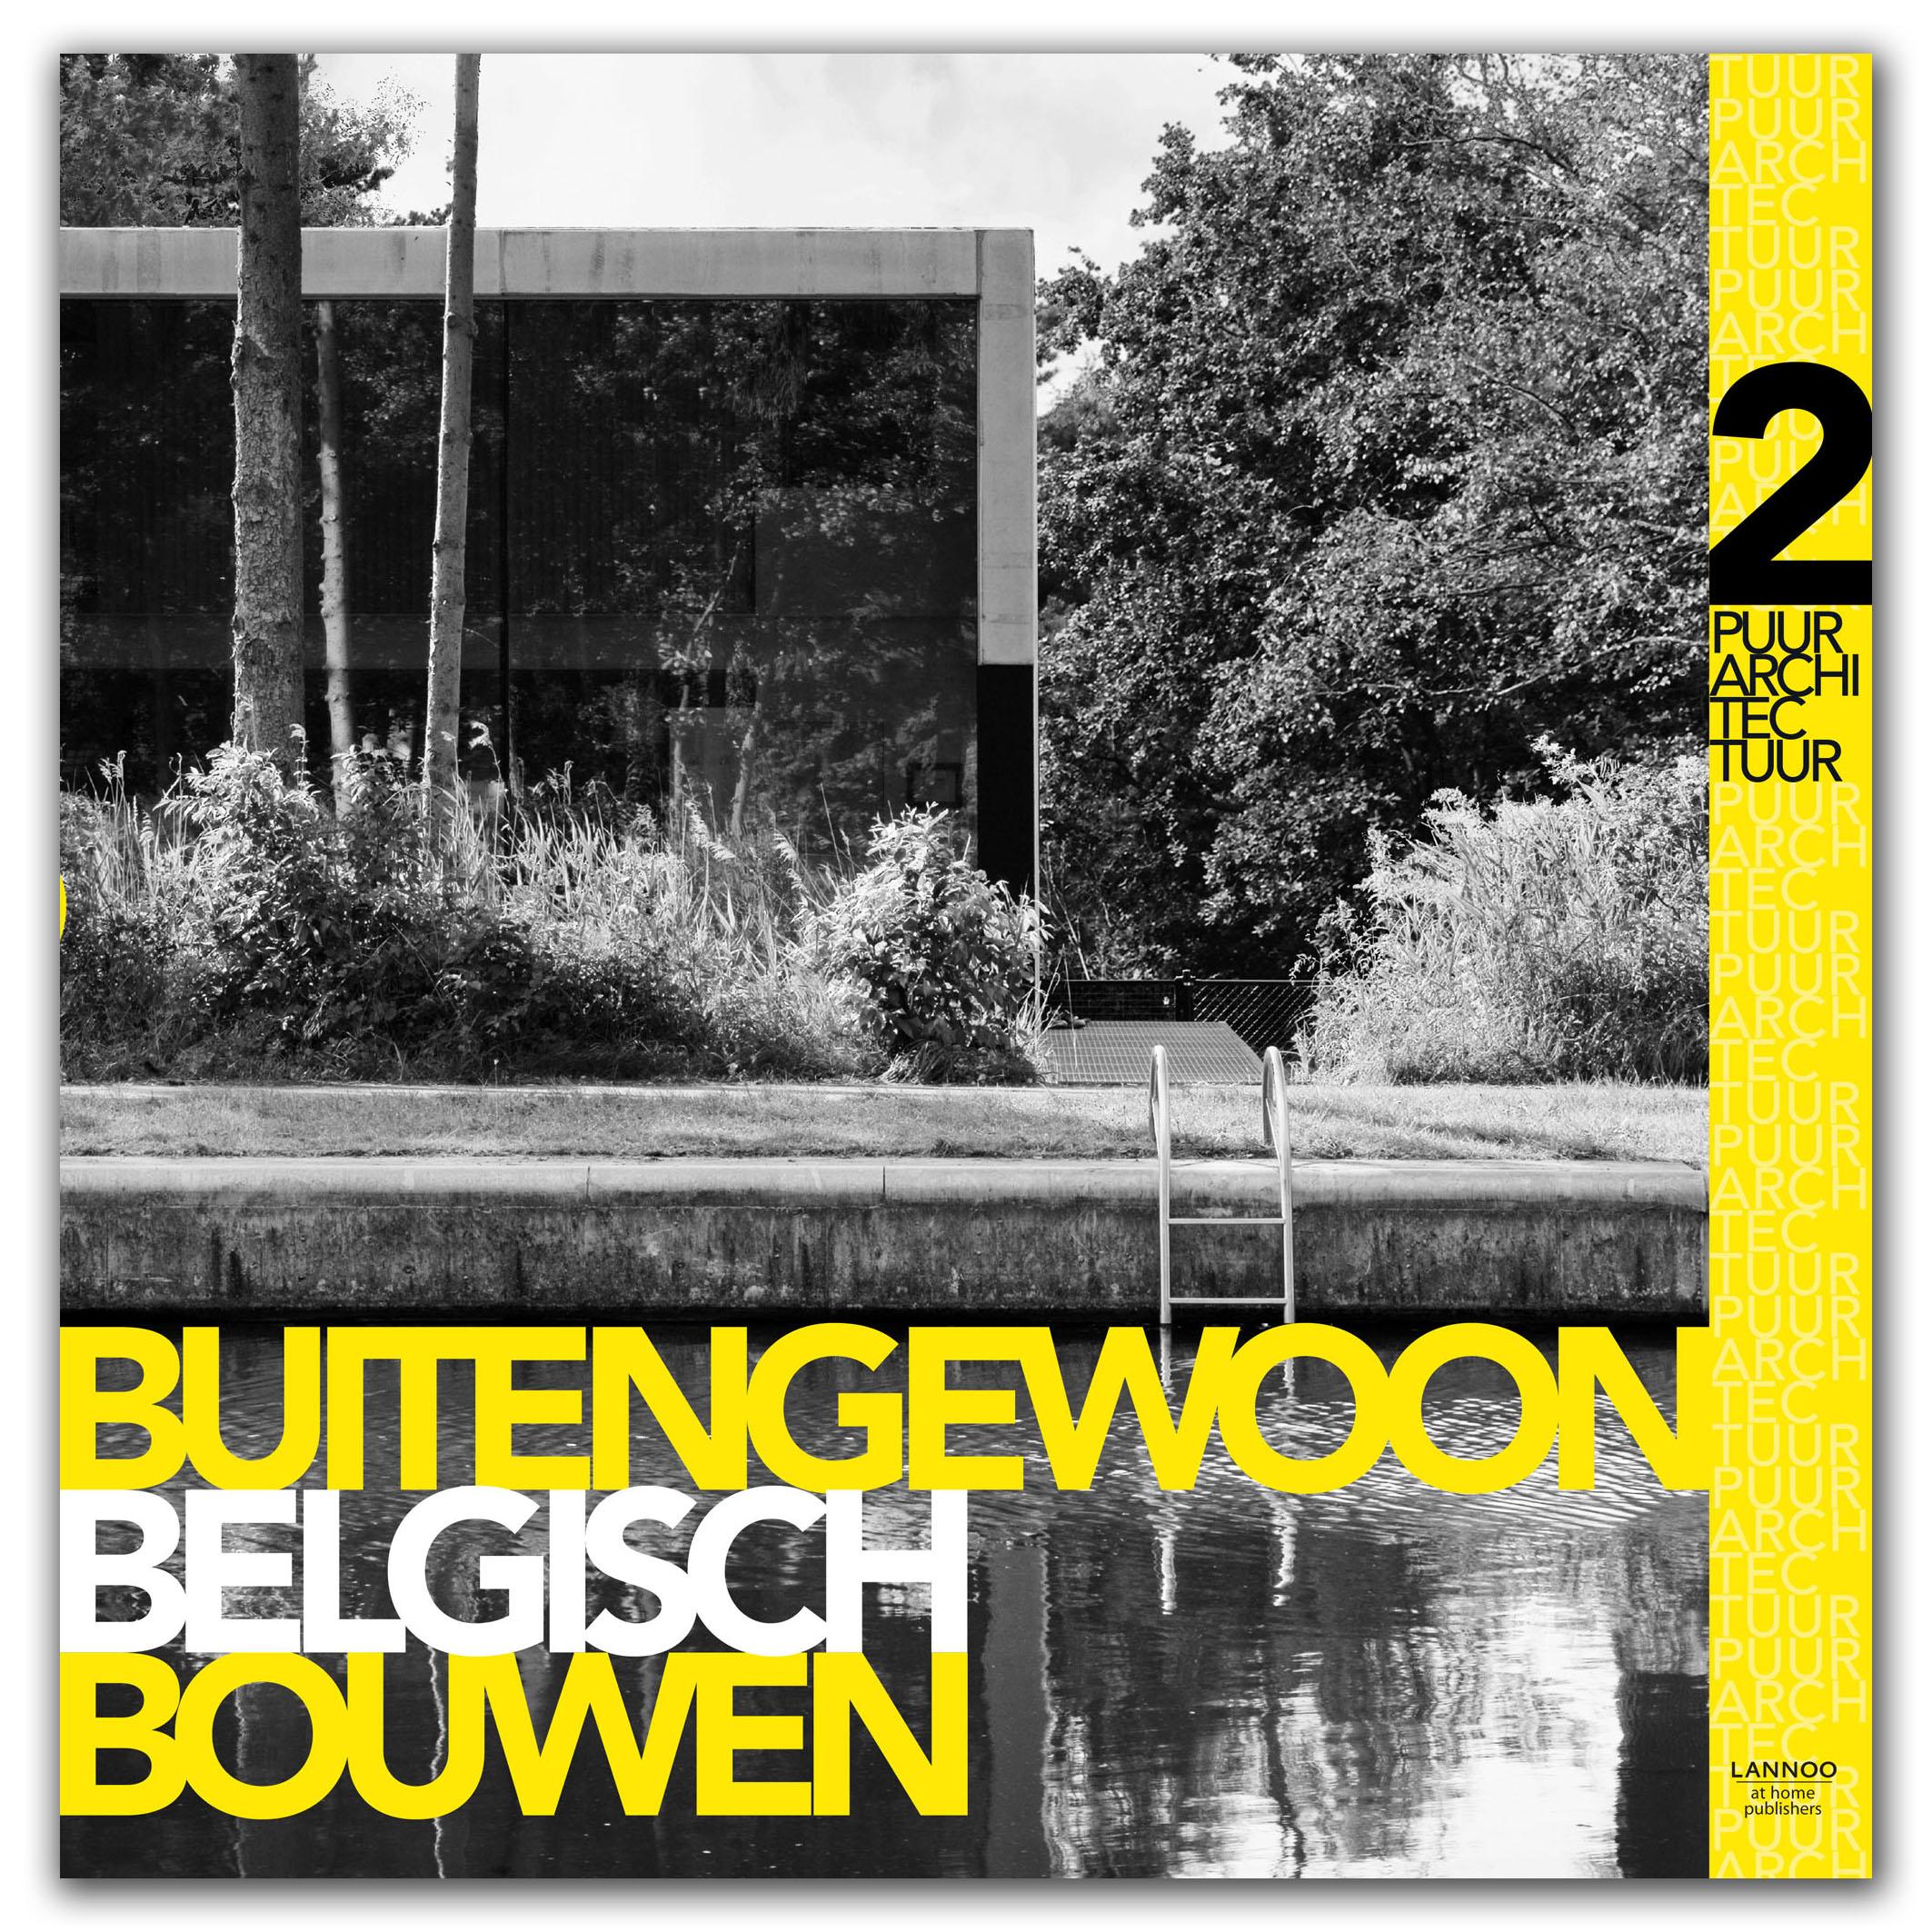 Buitengewoon Belgisch Bouwen 2